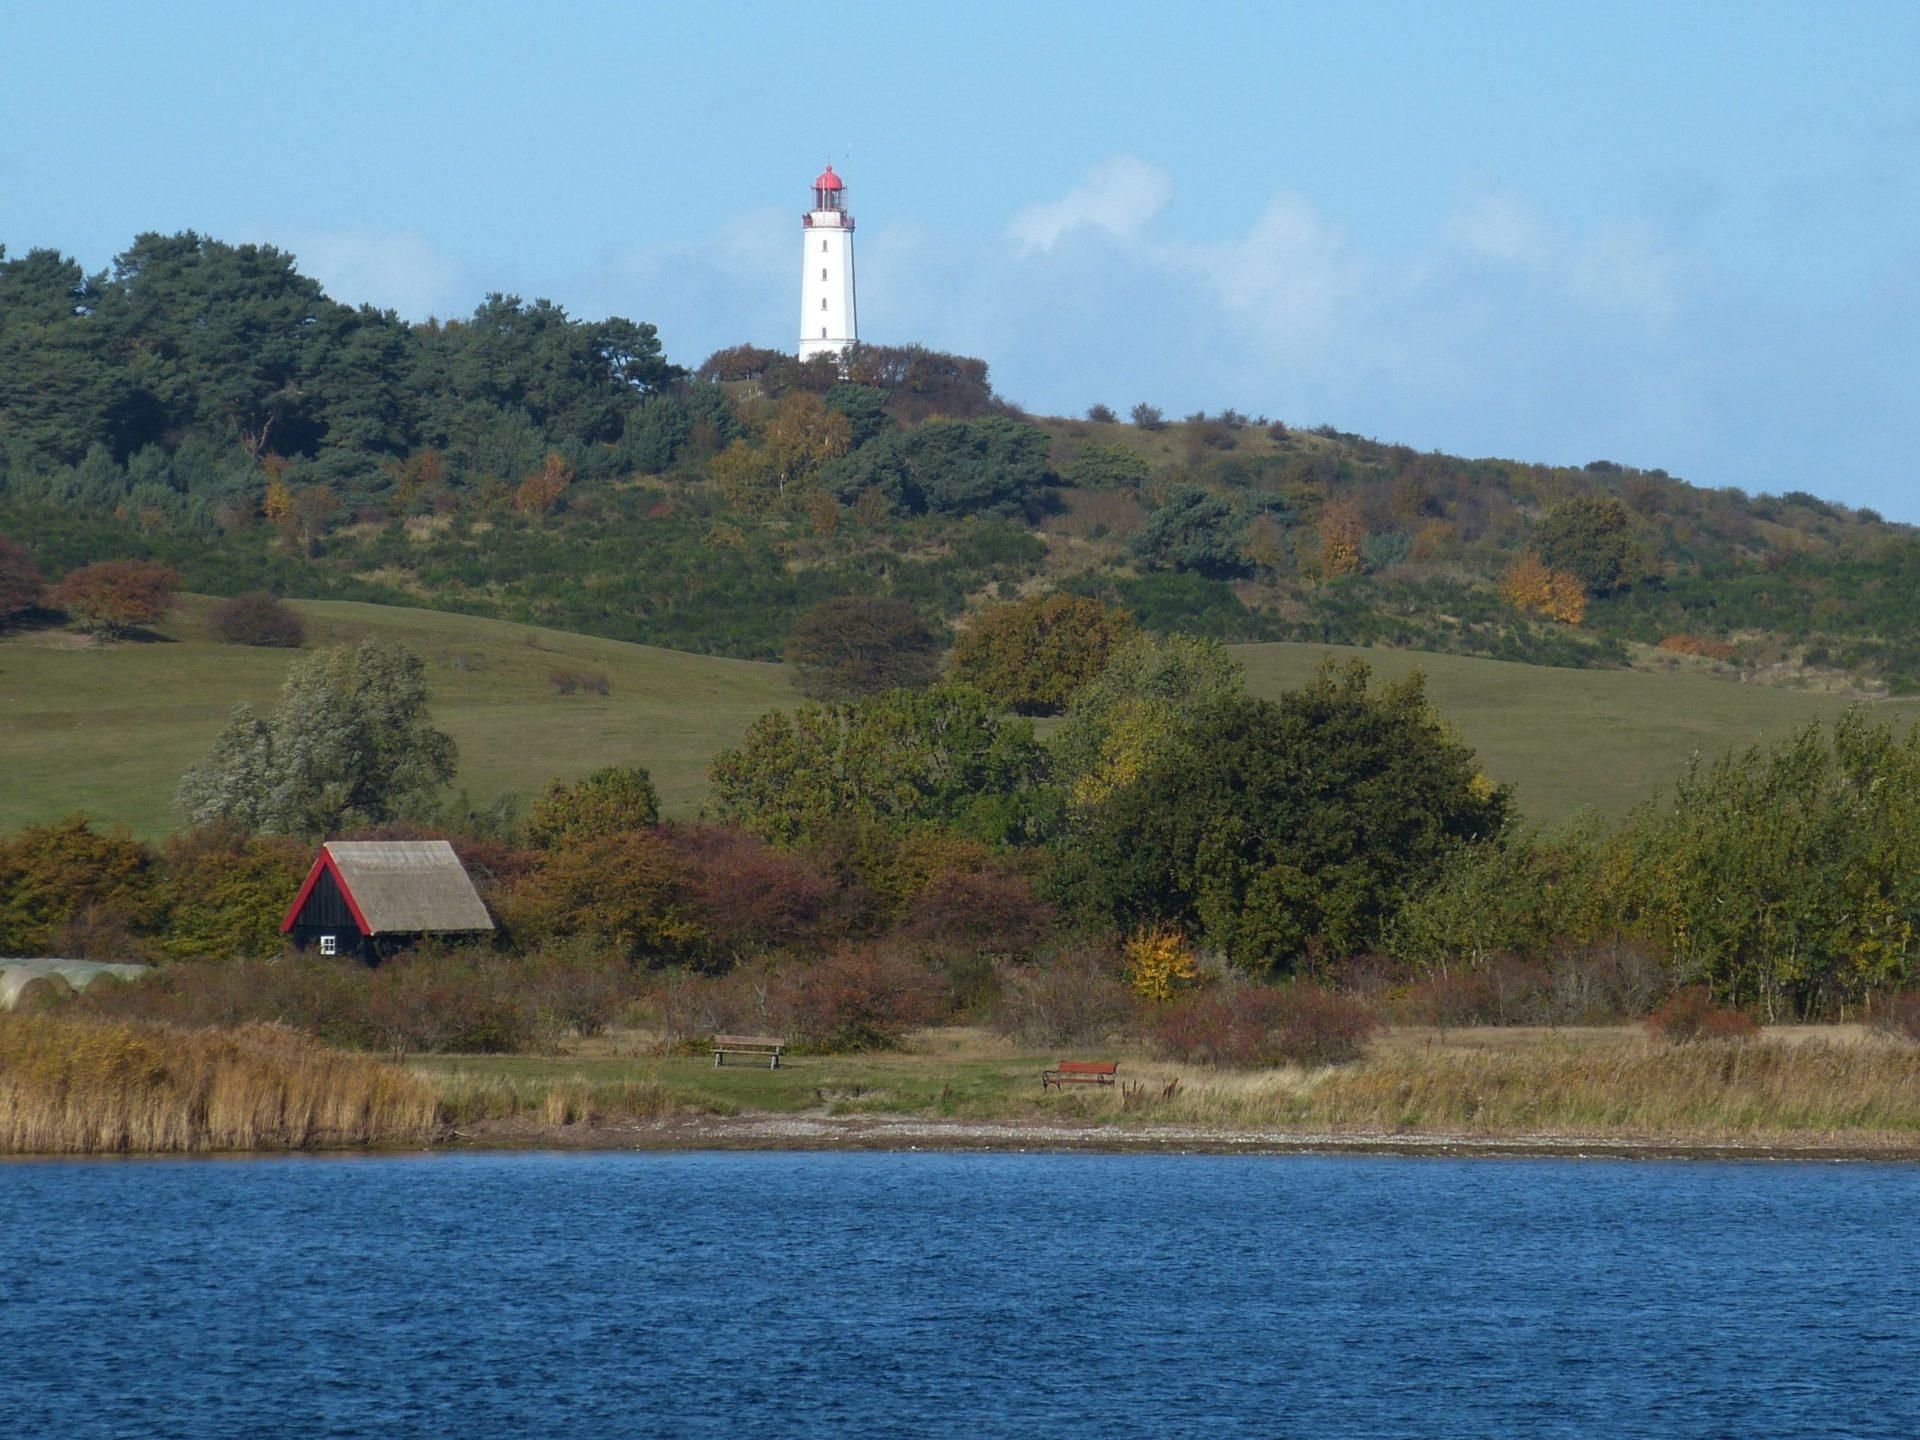 Wassertemperatur Hiddensee: Blick von der Ostsee zum Leuchtturm auf dem SchluckwieksbergimDornbusch